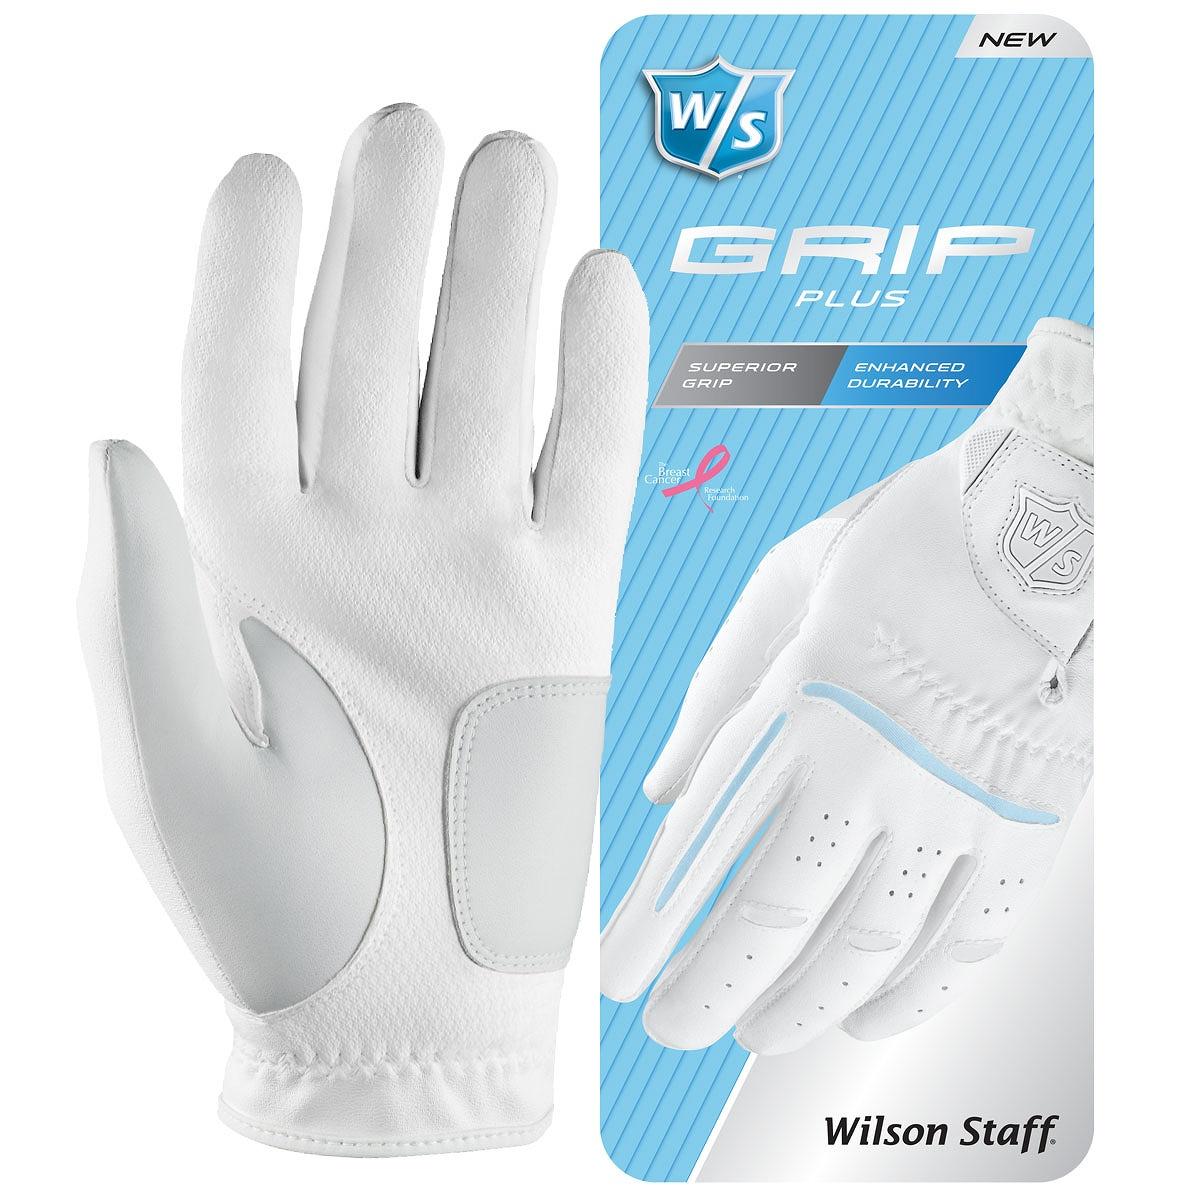 Golfová rukavica WILSON Grip Plus dámska-pravá M